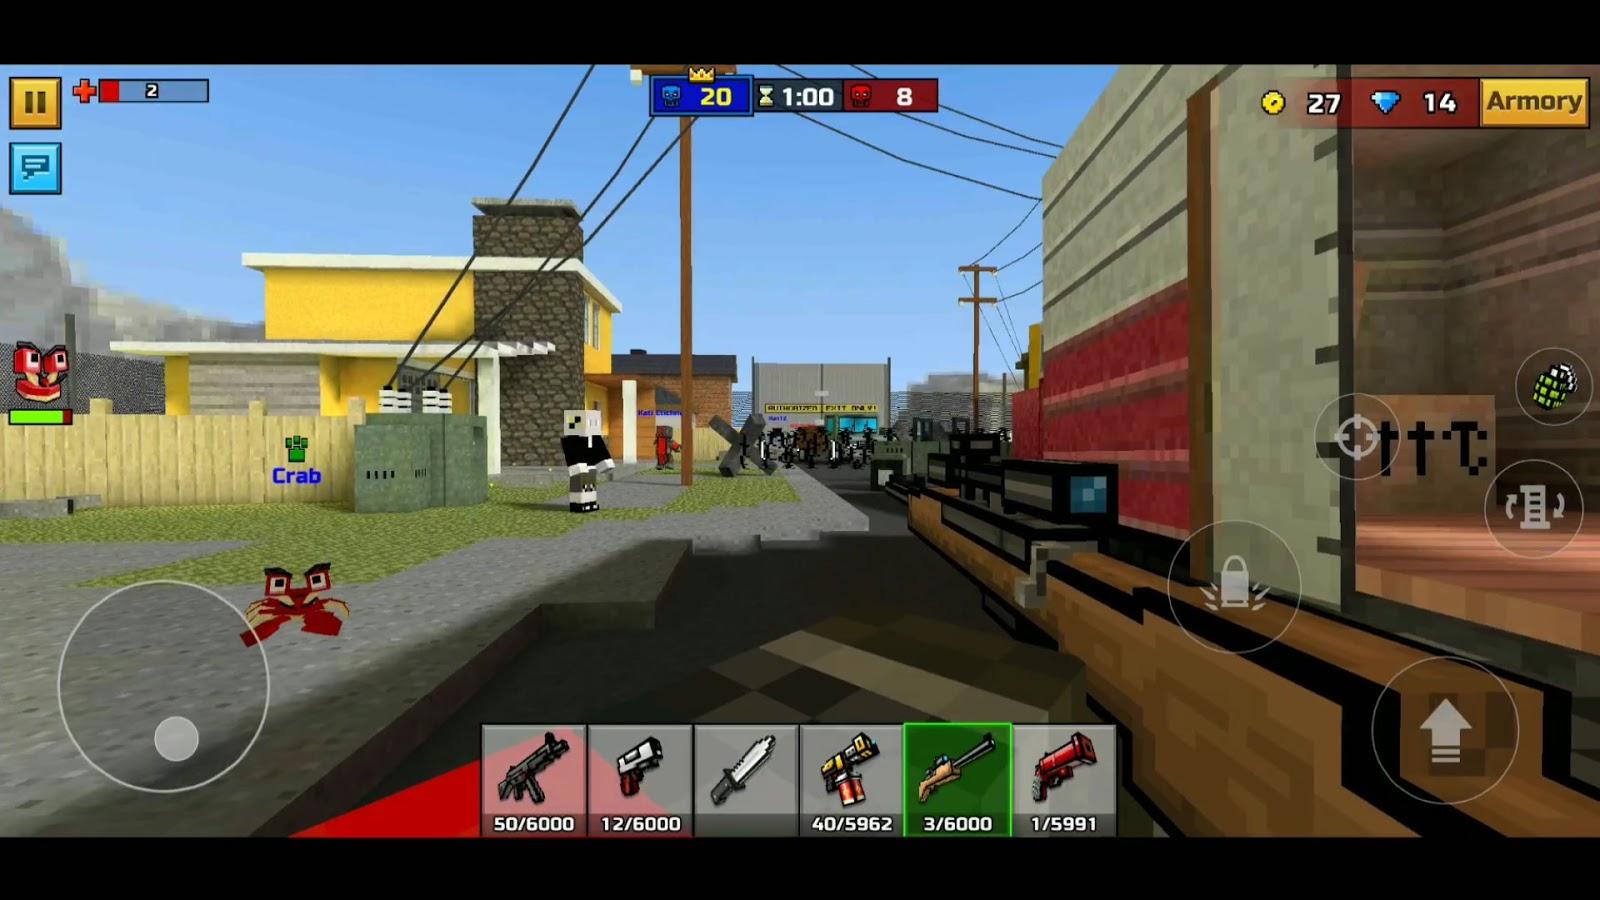 pixel gun 3d apk mod 2019